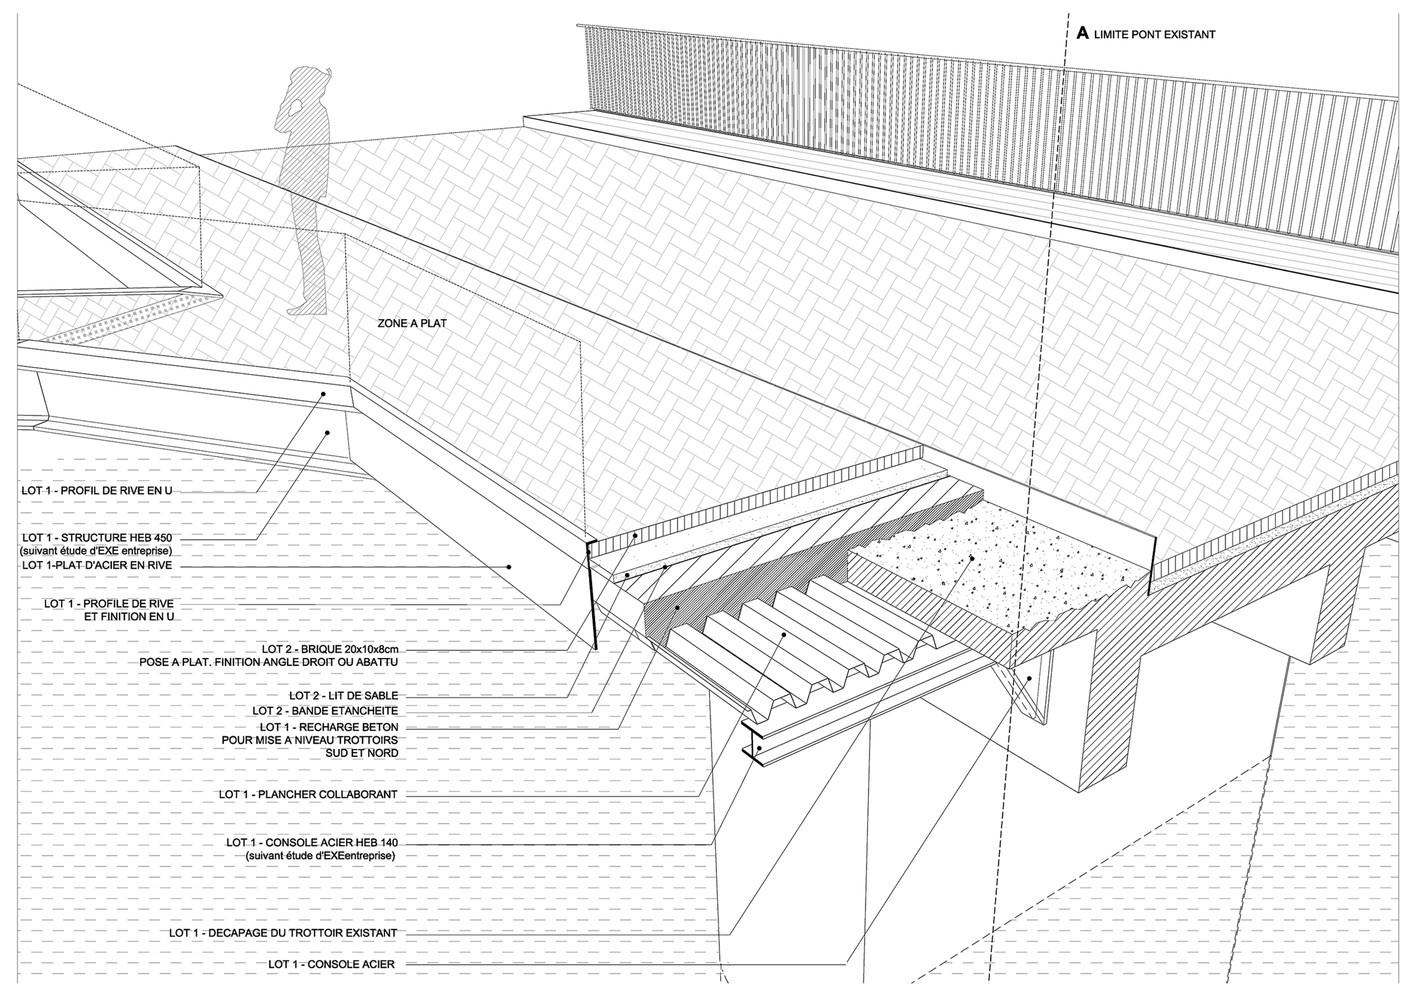 Pont De Lit 140 gallery of familistere guise / h2o architectes - 27